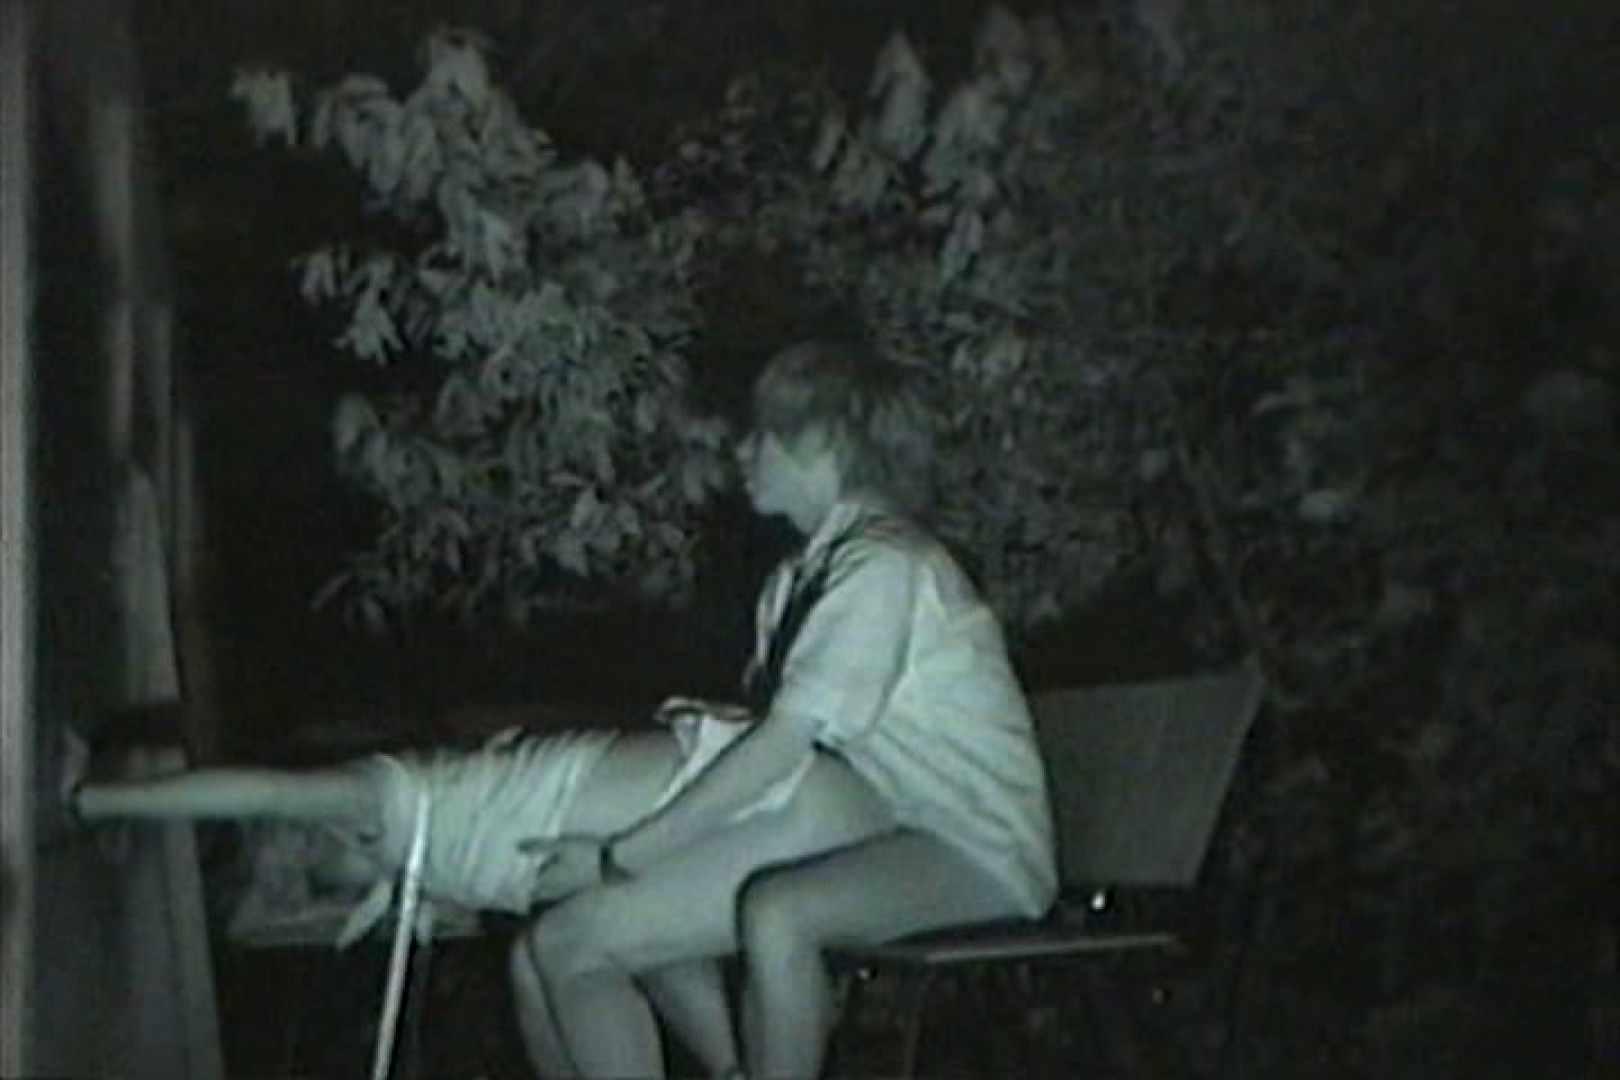 闇の仕掛け人 無修正版 Vol.24 美しいOLの裸体  101pic 80